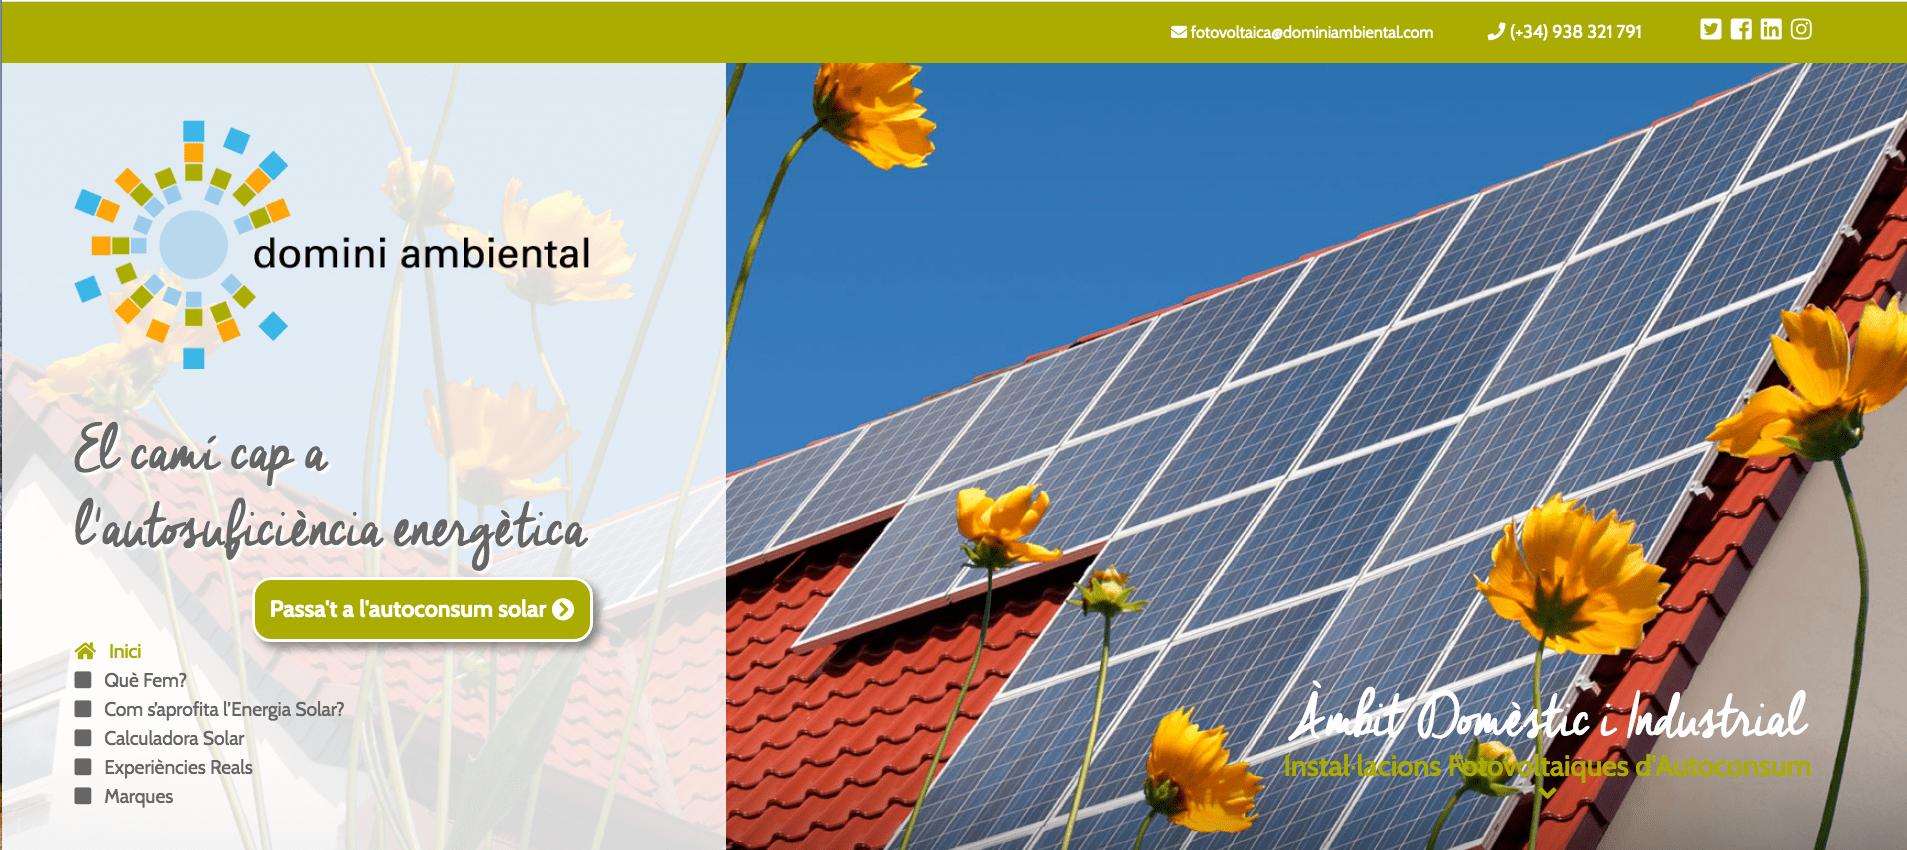 Domini Ambiental ja té la seva nova pàgina web